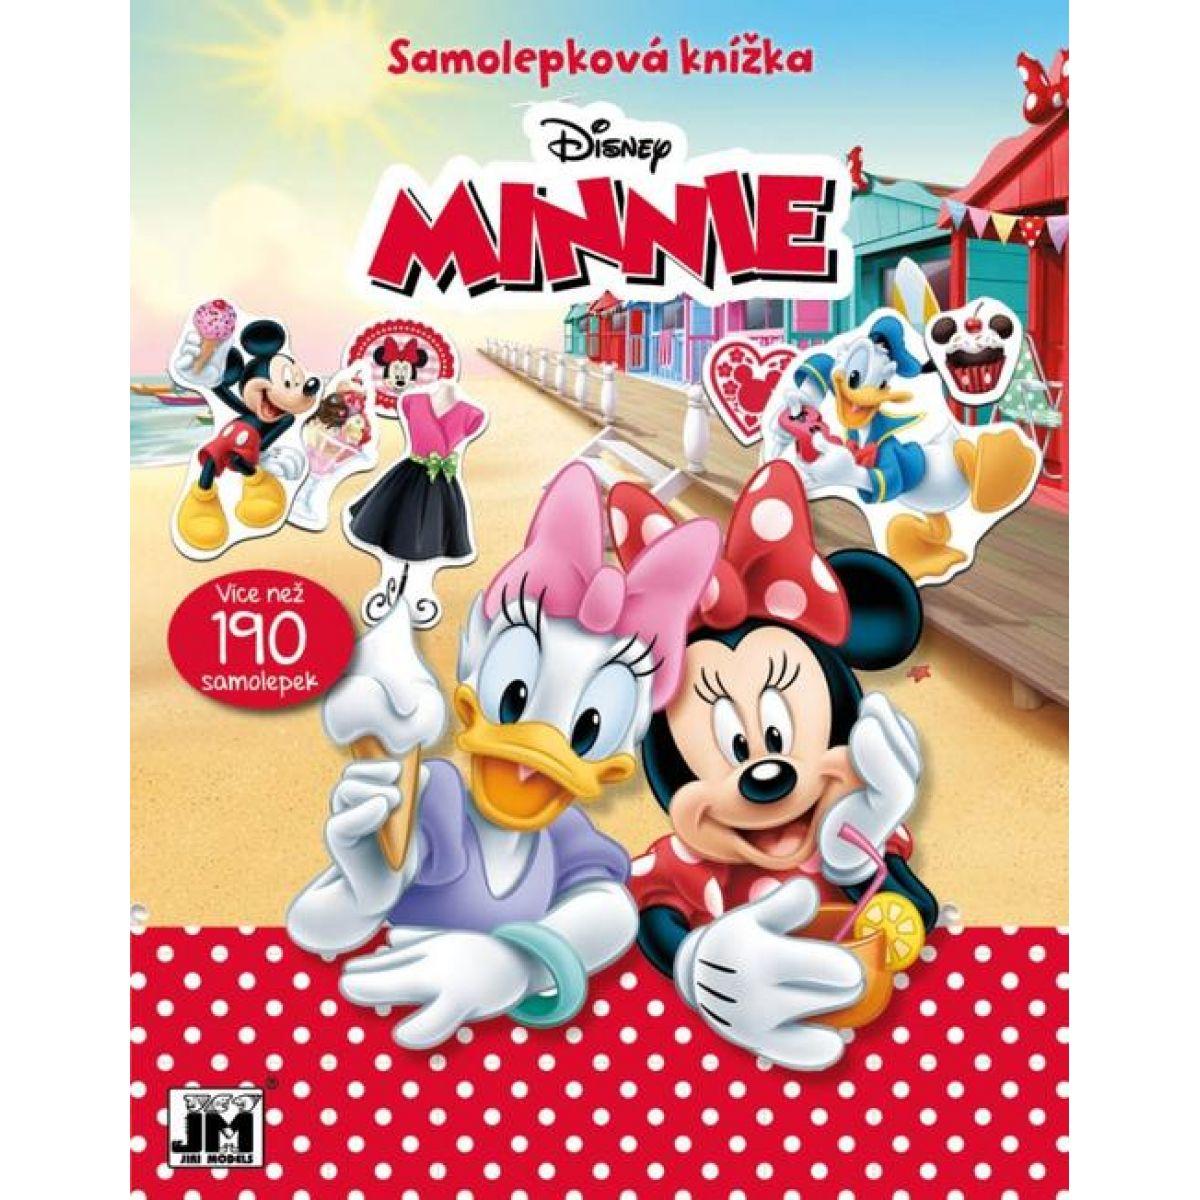 Jiri Models Samolepková knižka Minnie